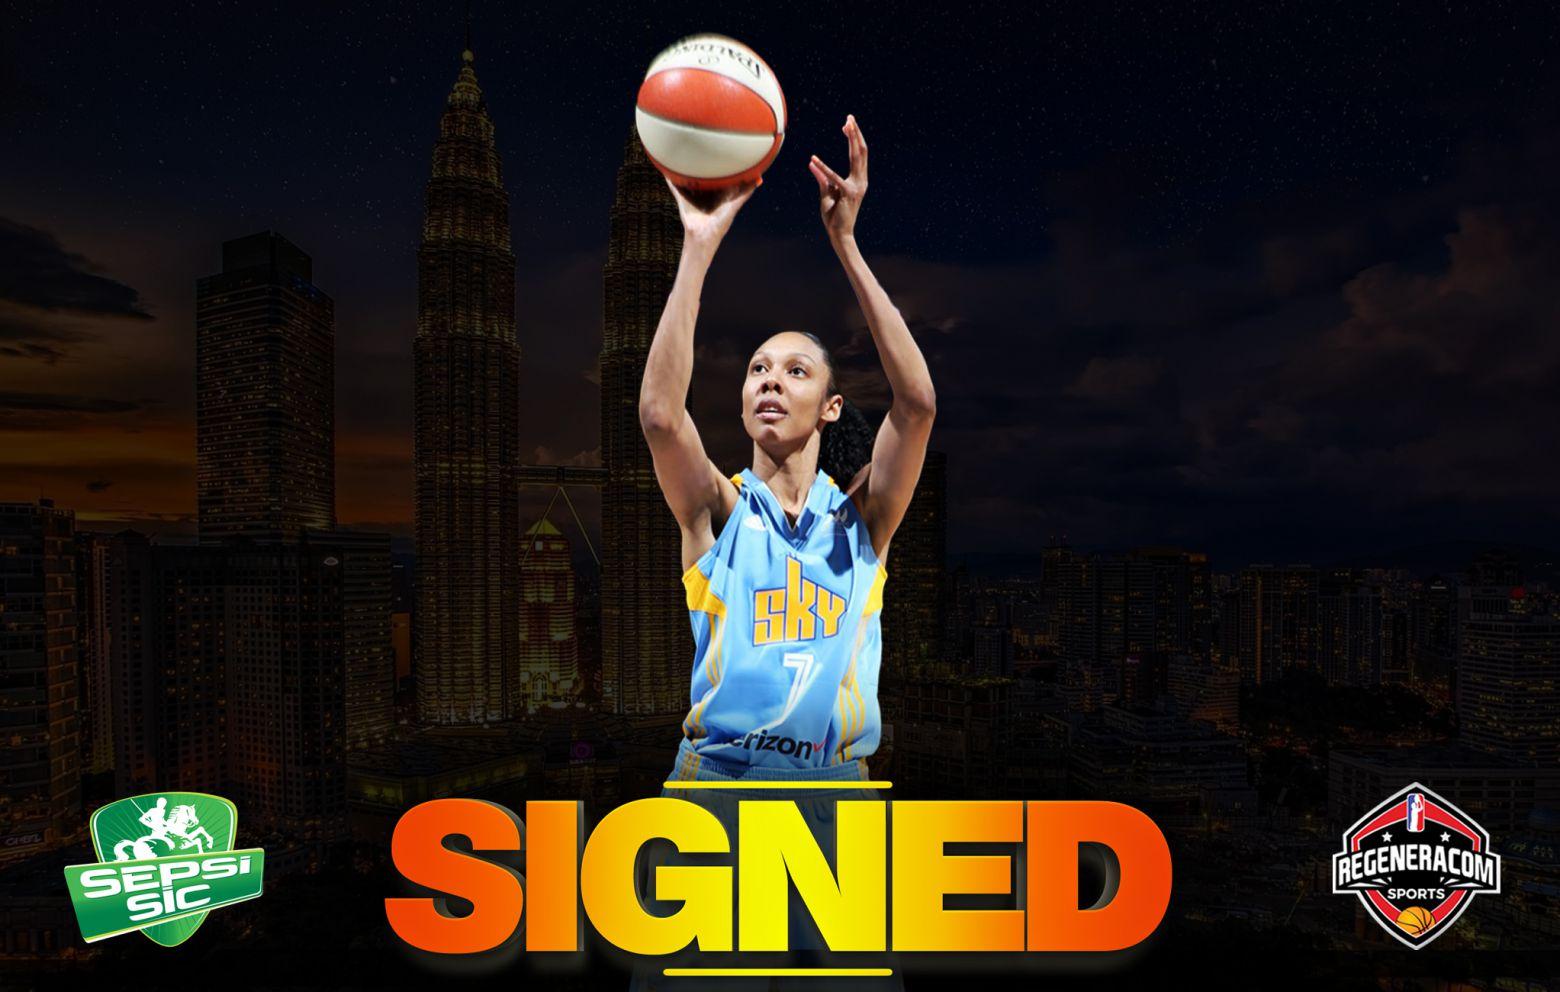 REBEKAH GARDNER has signed with Sepsi SIC